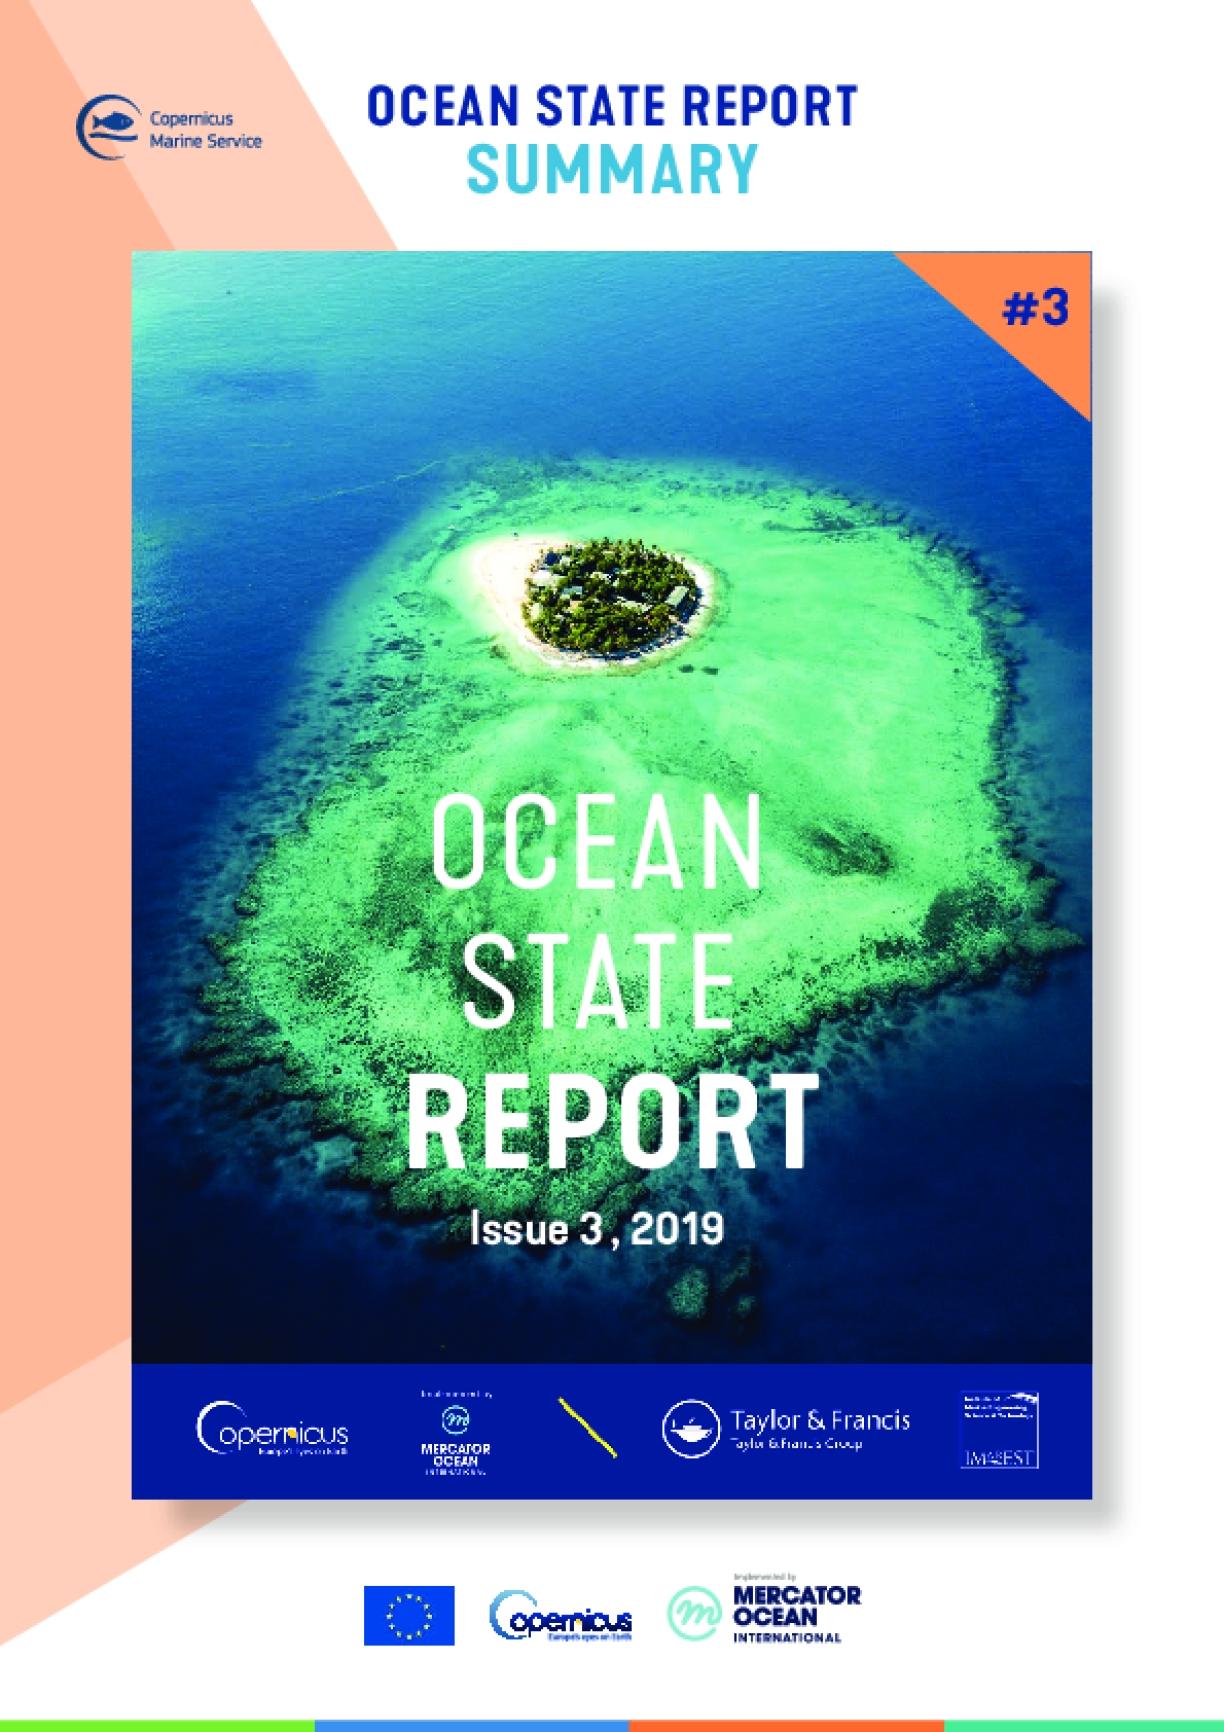 Copernicus Marine Service Ocean State Report, Issue 3